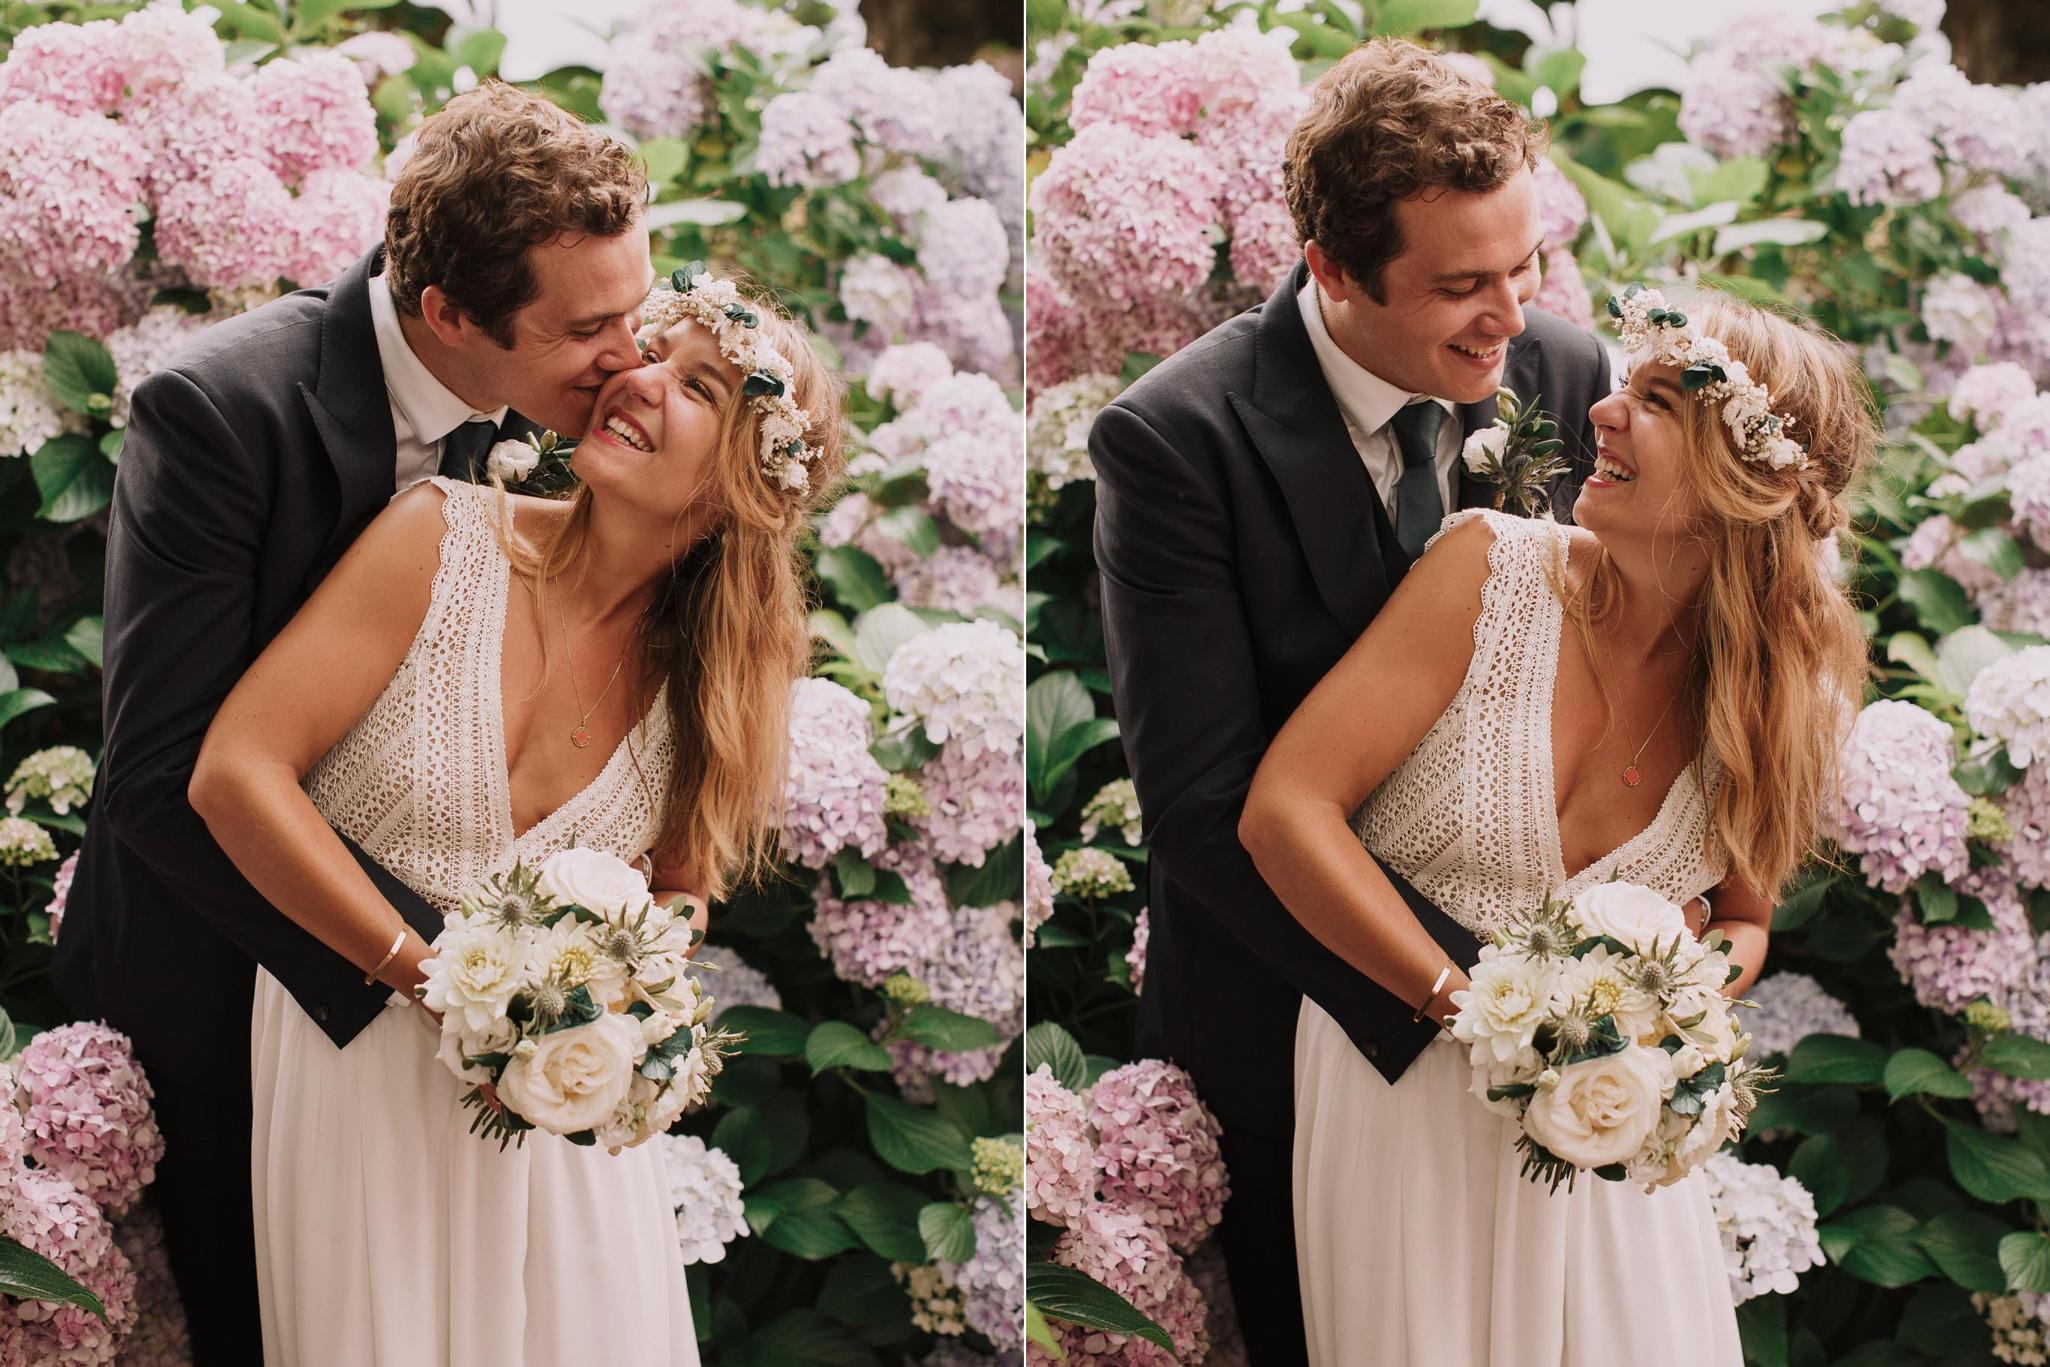 Photographe-mariage-bordeaux-jeremy-boyer-pays-basque-ihartze-artea-sare-robe-eleonore-pauc-couple-amour-112.jpg